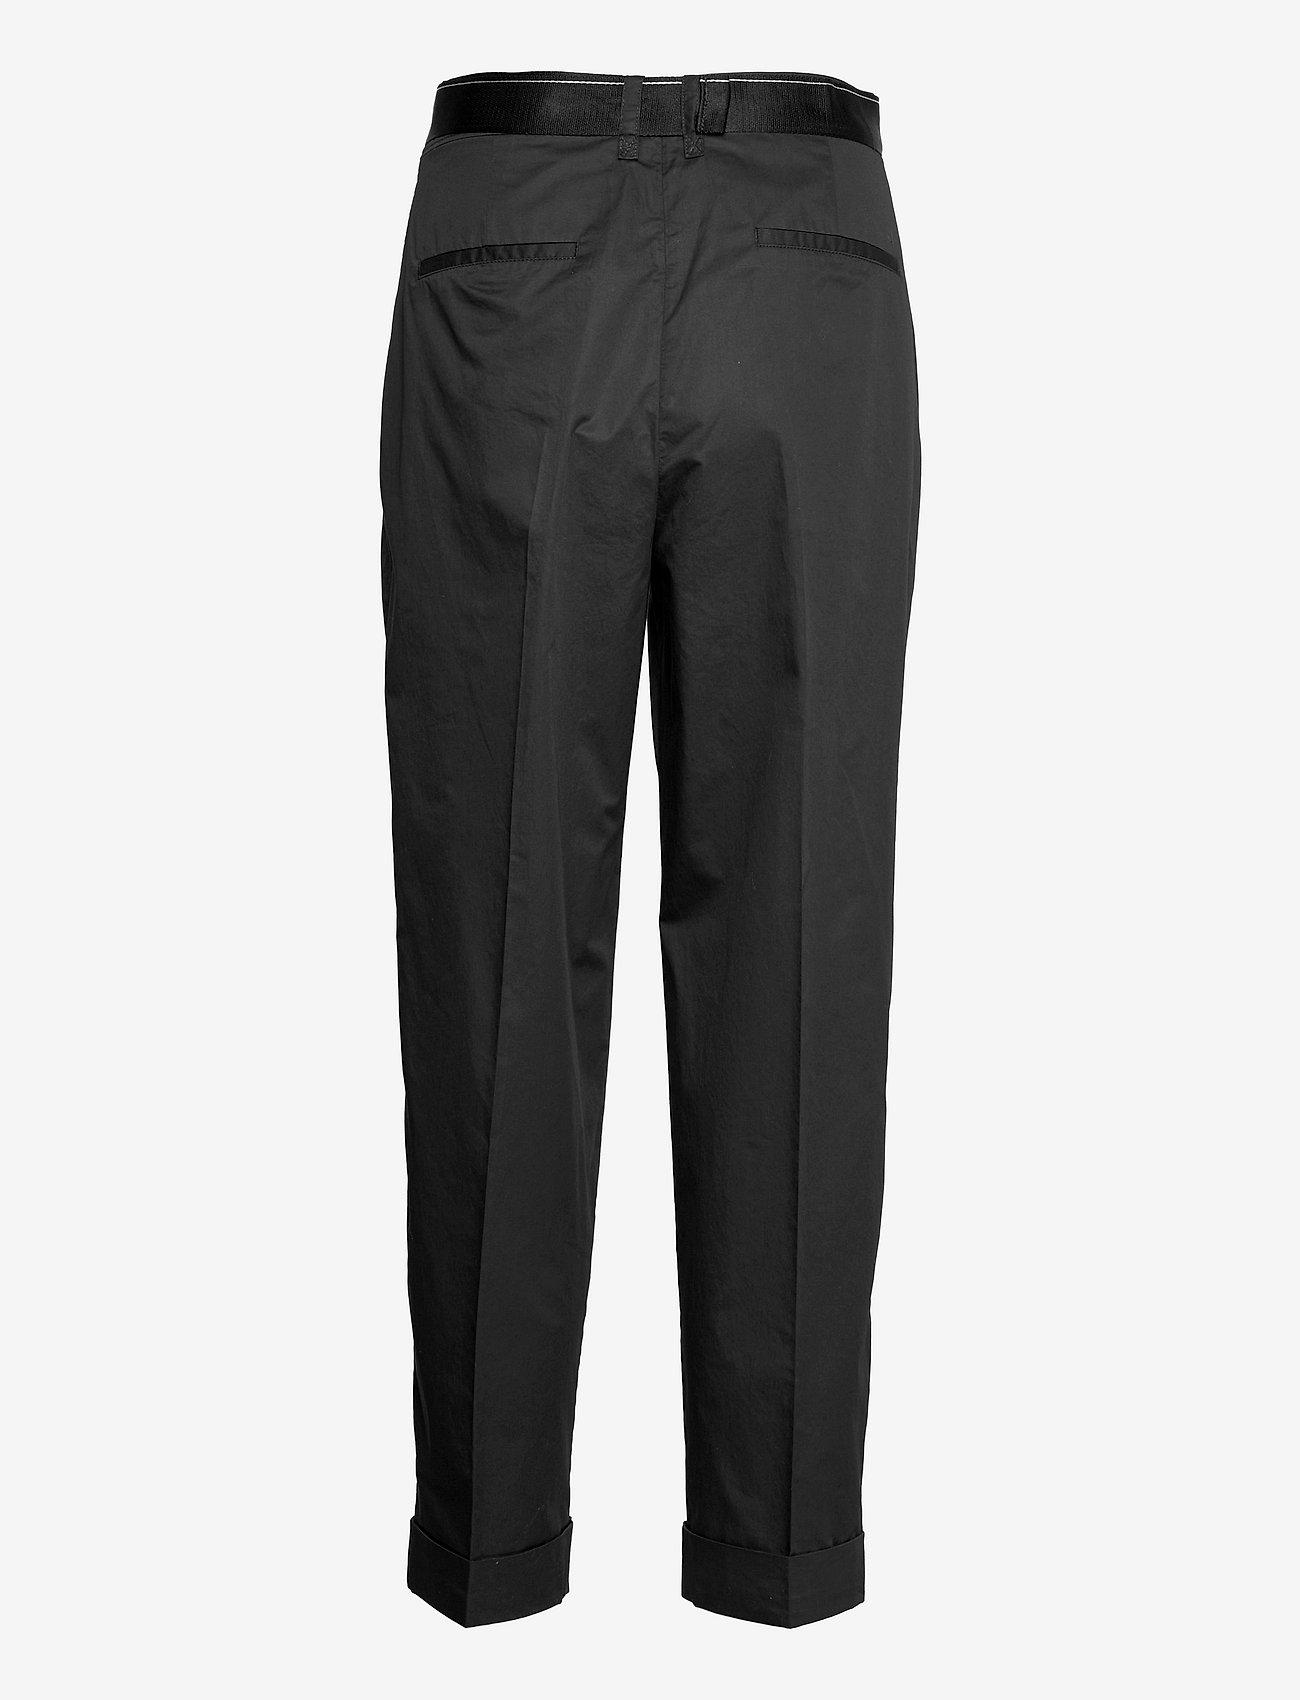 Calvin Klein - SILKY TOUCH PANT - pantalons droits - ck black - 1